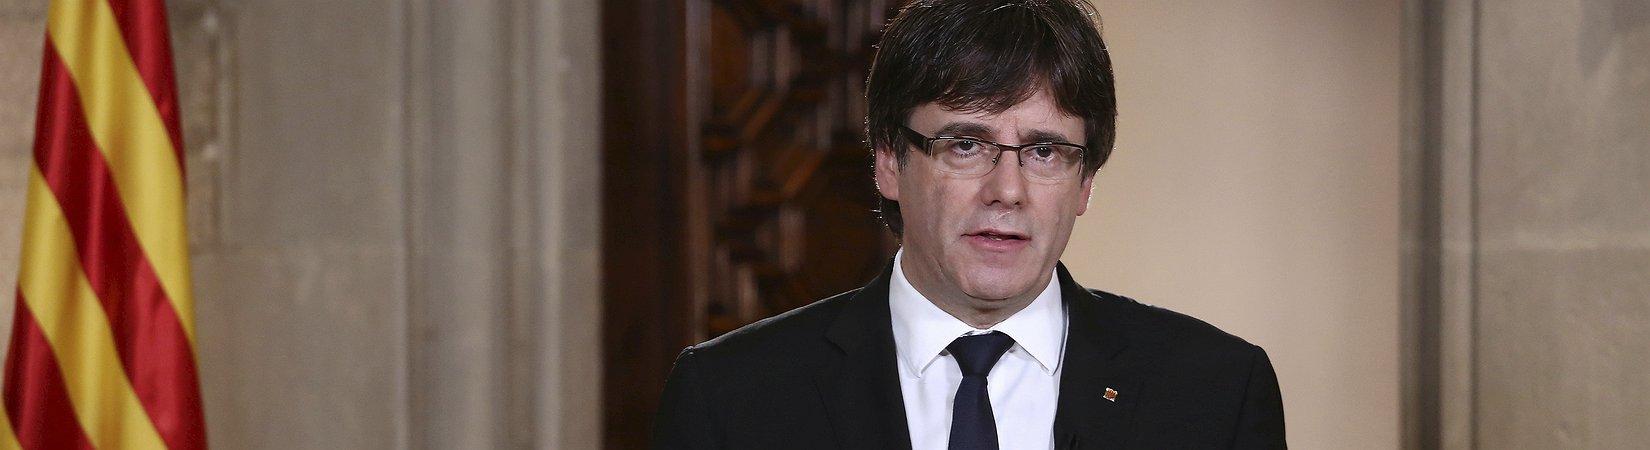 Cataluña celebra un pleno parlamentario en el que podría declarar su independencia